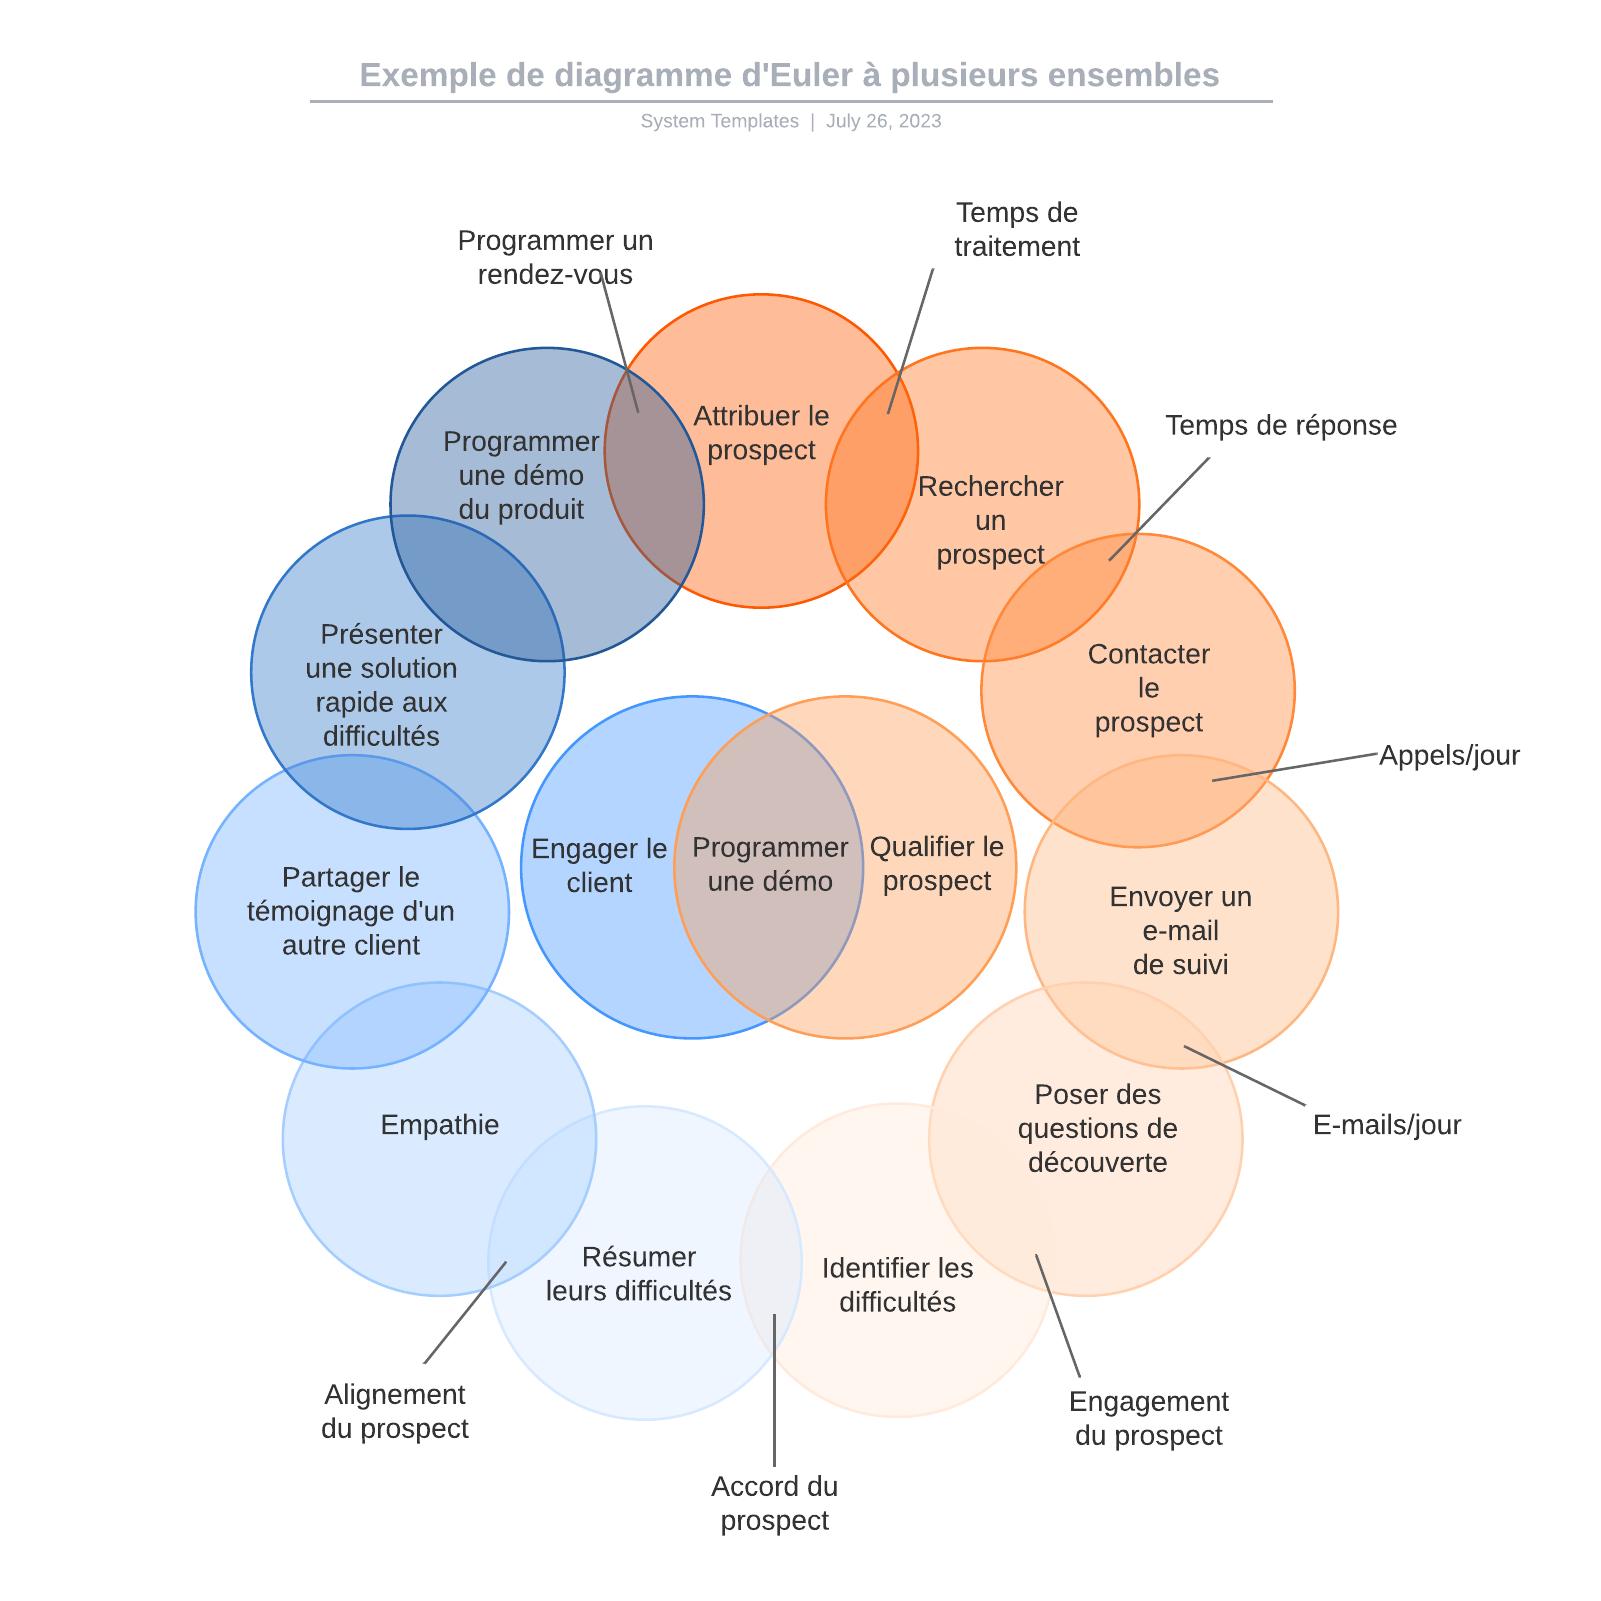 exemple de diagramme d'Euler à plusieurs ensembles